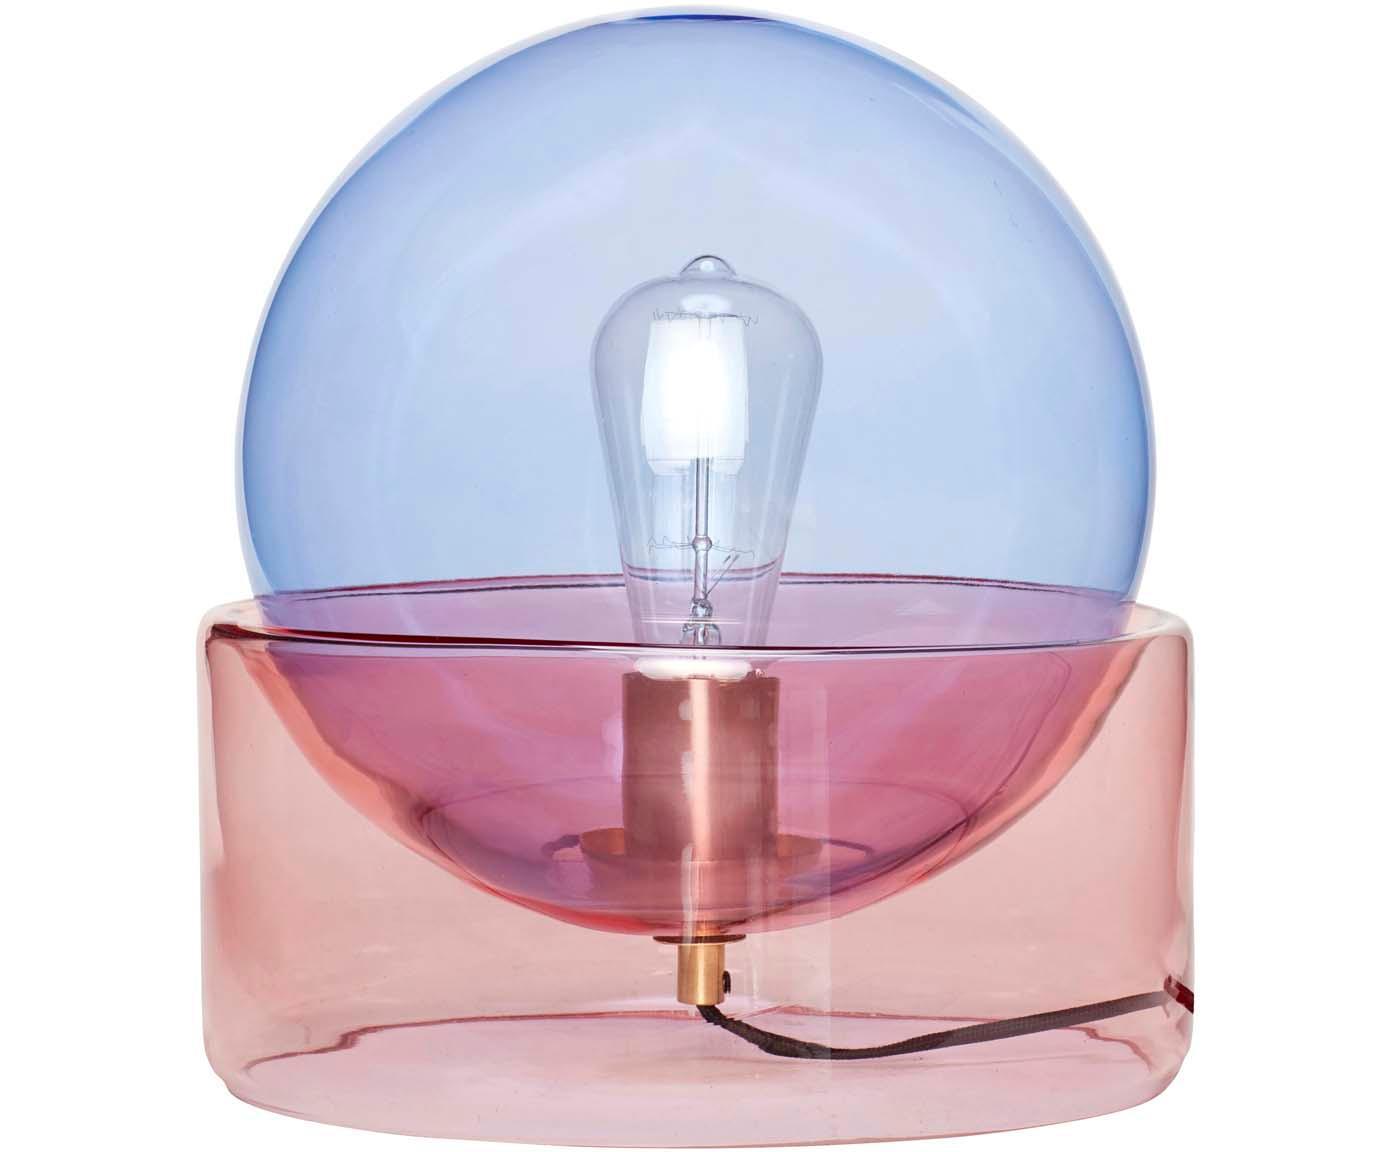 Tischleuchte Glondy, Leuchte: Glas, Blau, Rosa, Ø 27 x H 29 cm